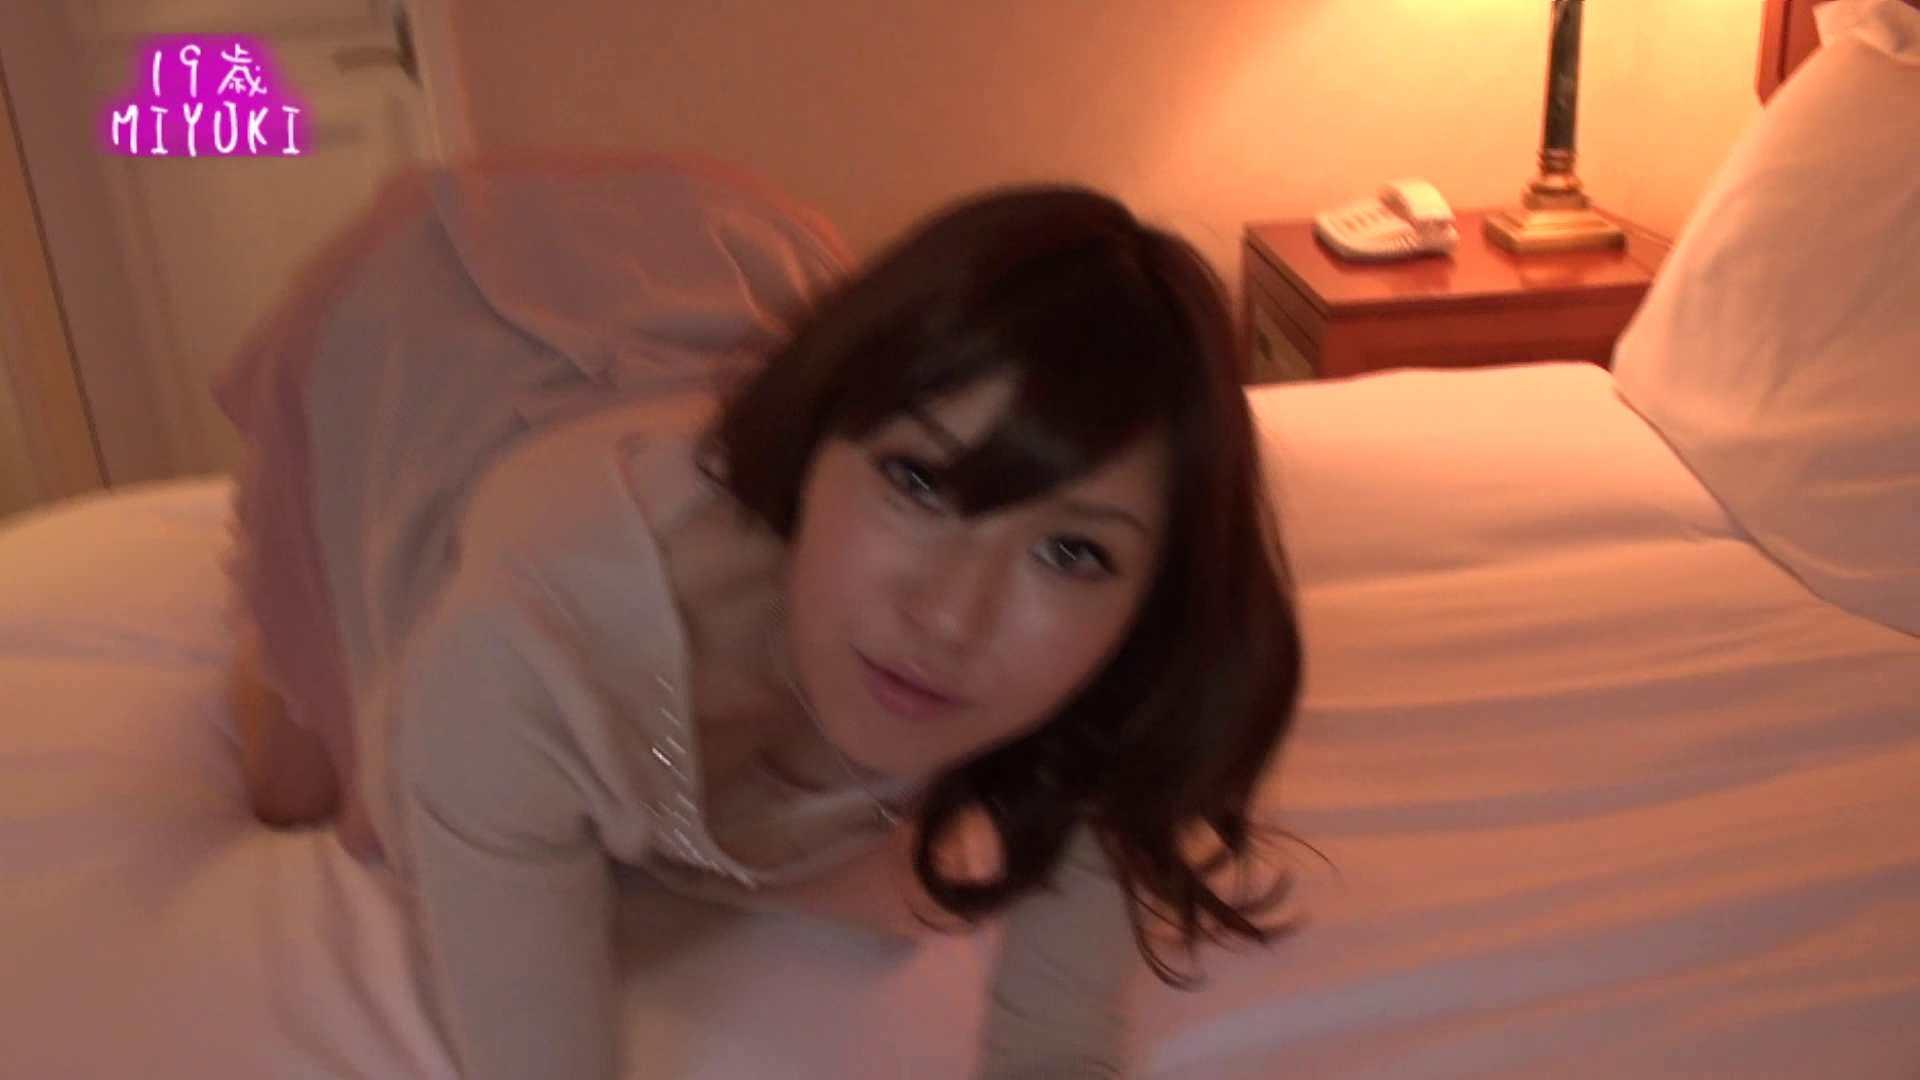 カメラテストを兼ねて、MIYUKIちゃんのイメージ撮影 素人流出動画  83枚 78